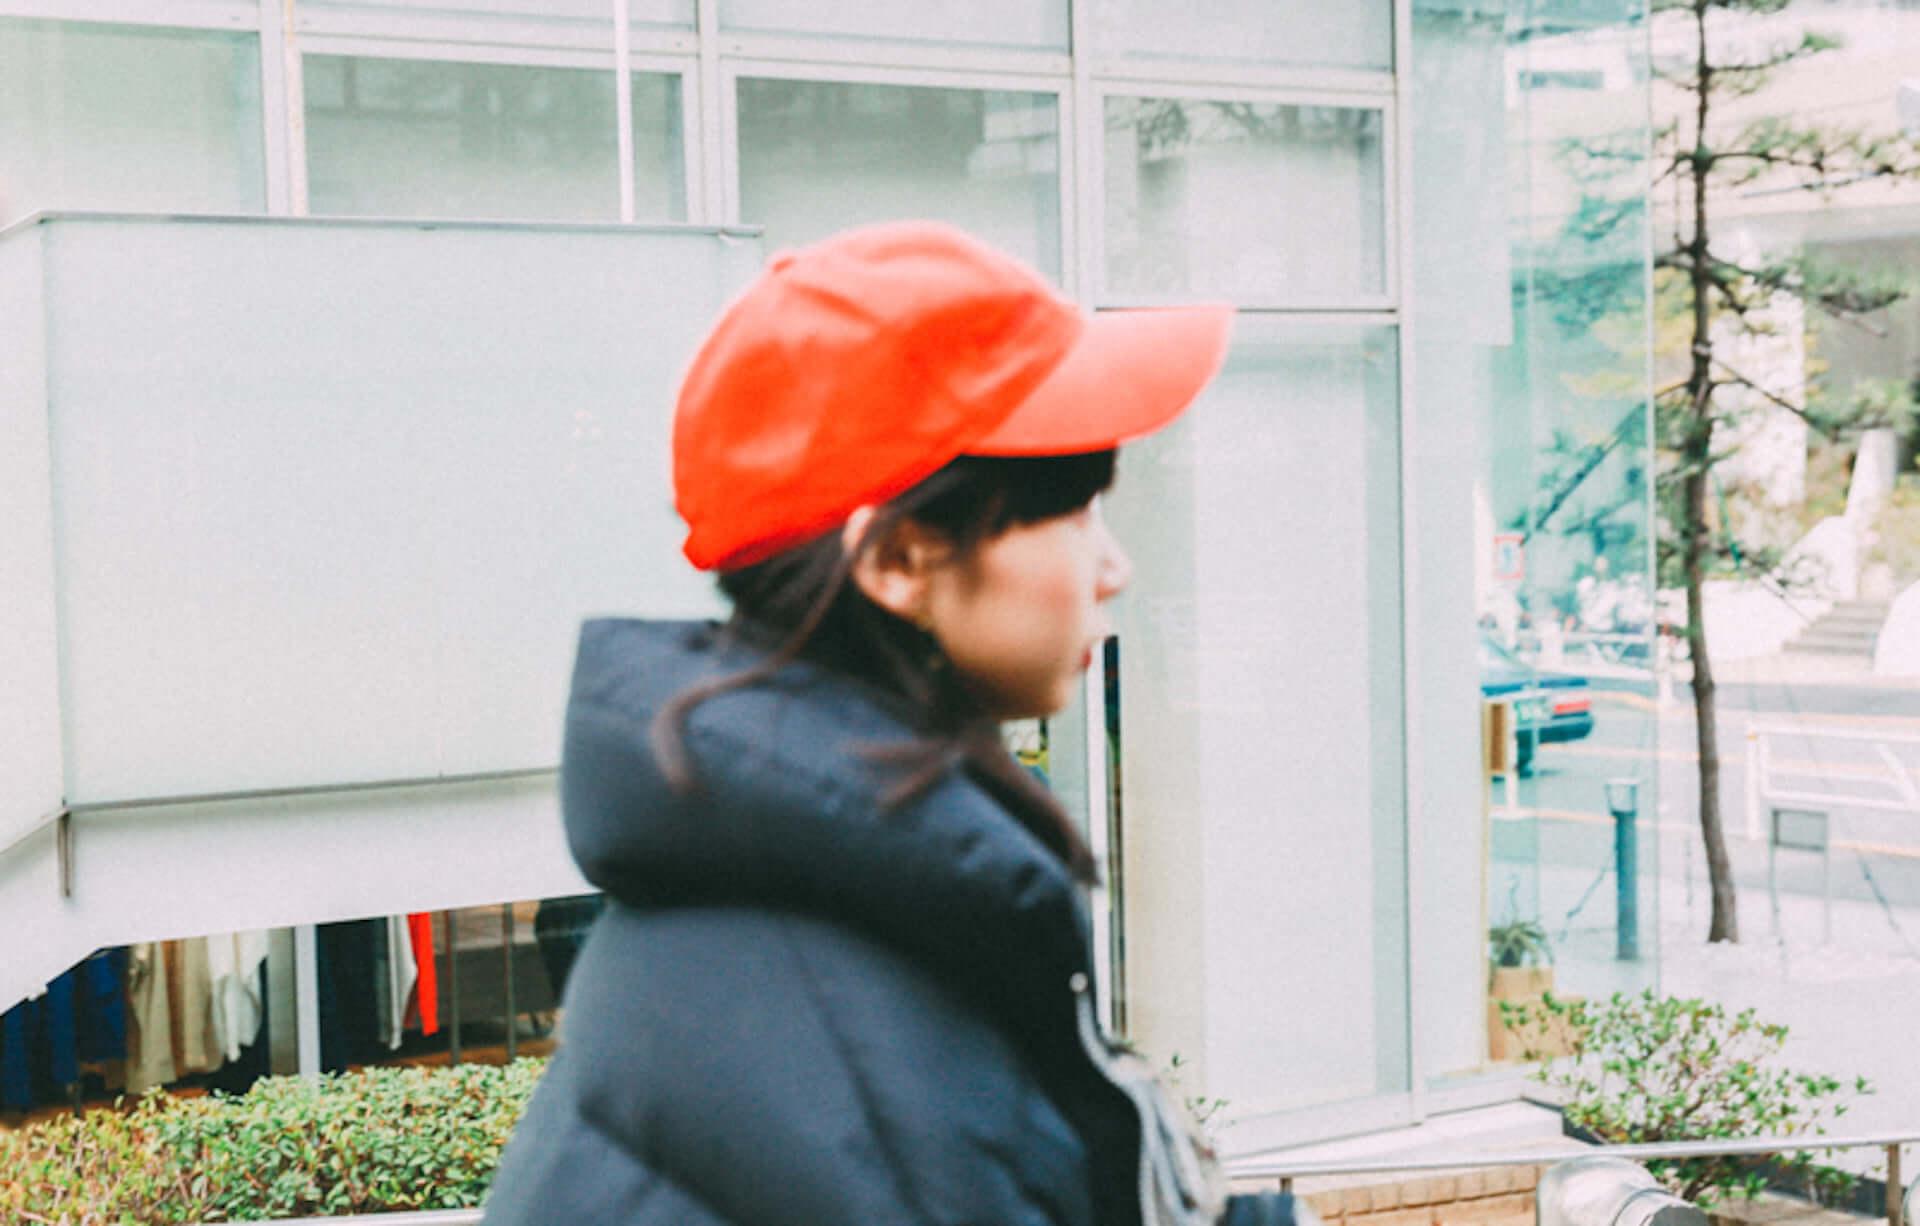 コウキシン女子の初体験vol.13老月ミカ:O 代官山 / NEW NEW YORK CLUB pickup190228_koukishinjyoshi_12-1920x1226